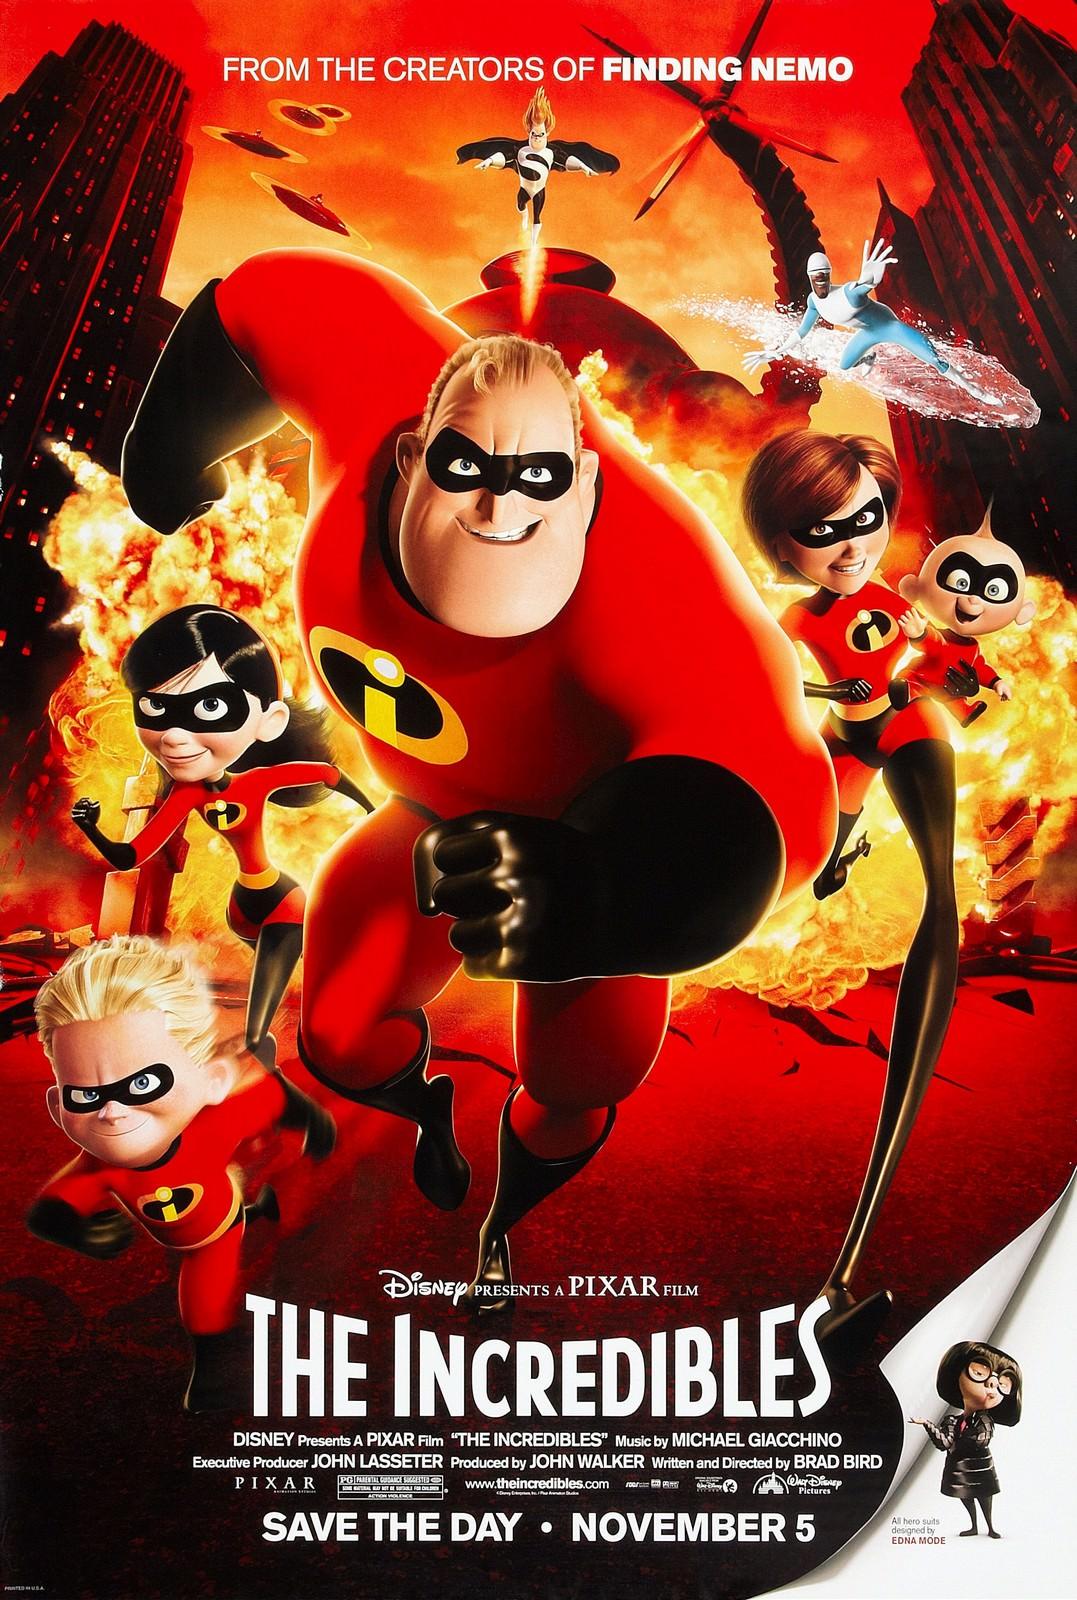 Movie, The Incredibles(美國, 2004) / 超人特攻隊(台) / 超人总动员(中) / 超人特工隊(港), 電影海報, 美國